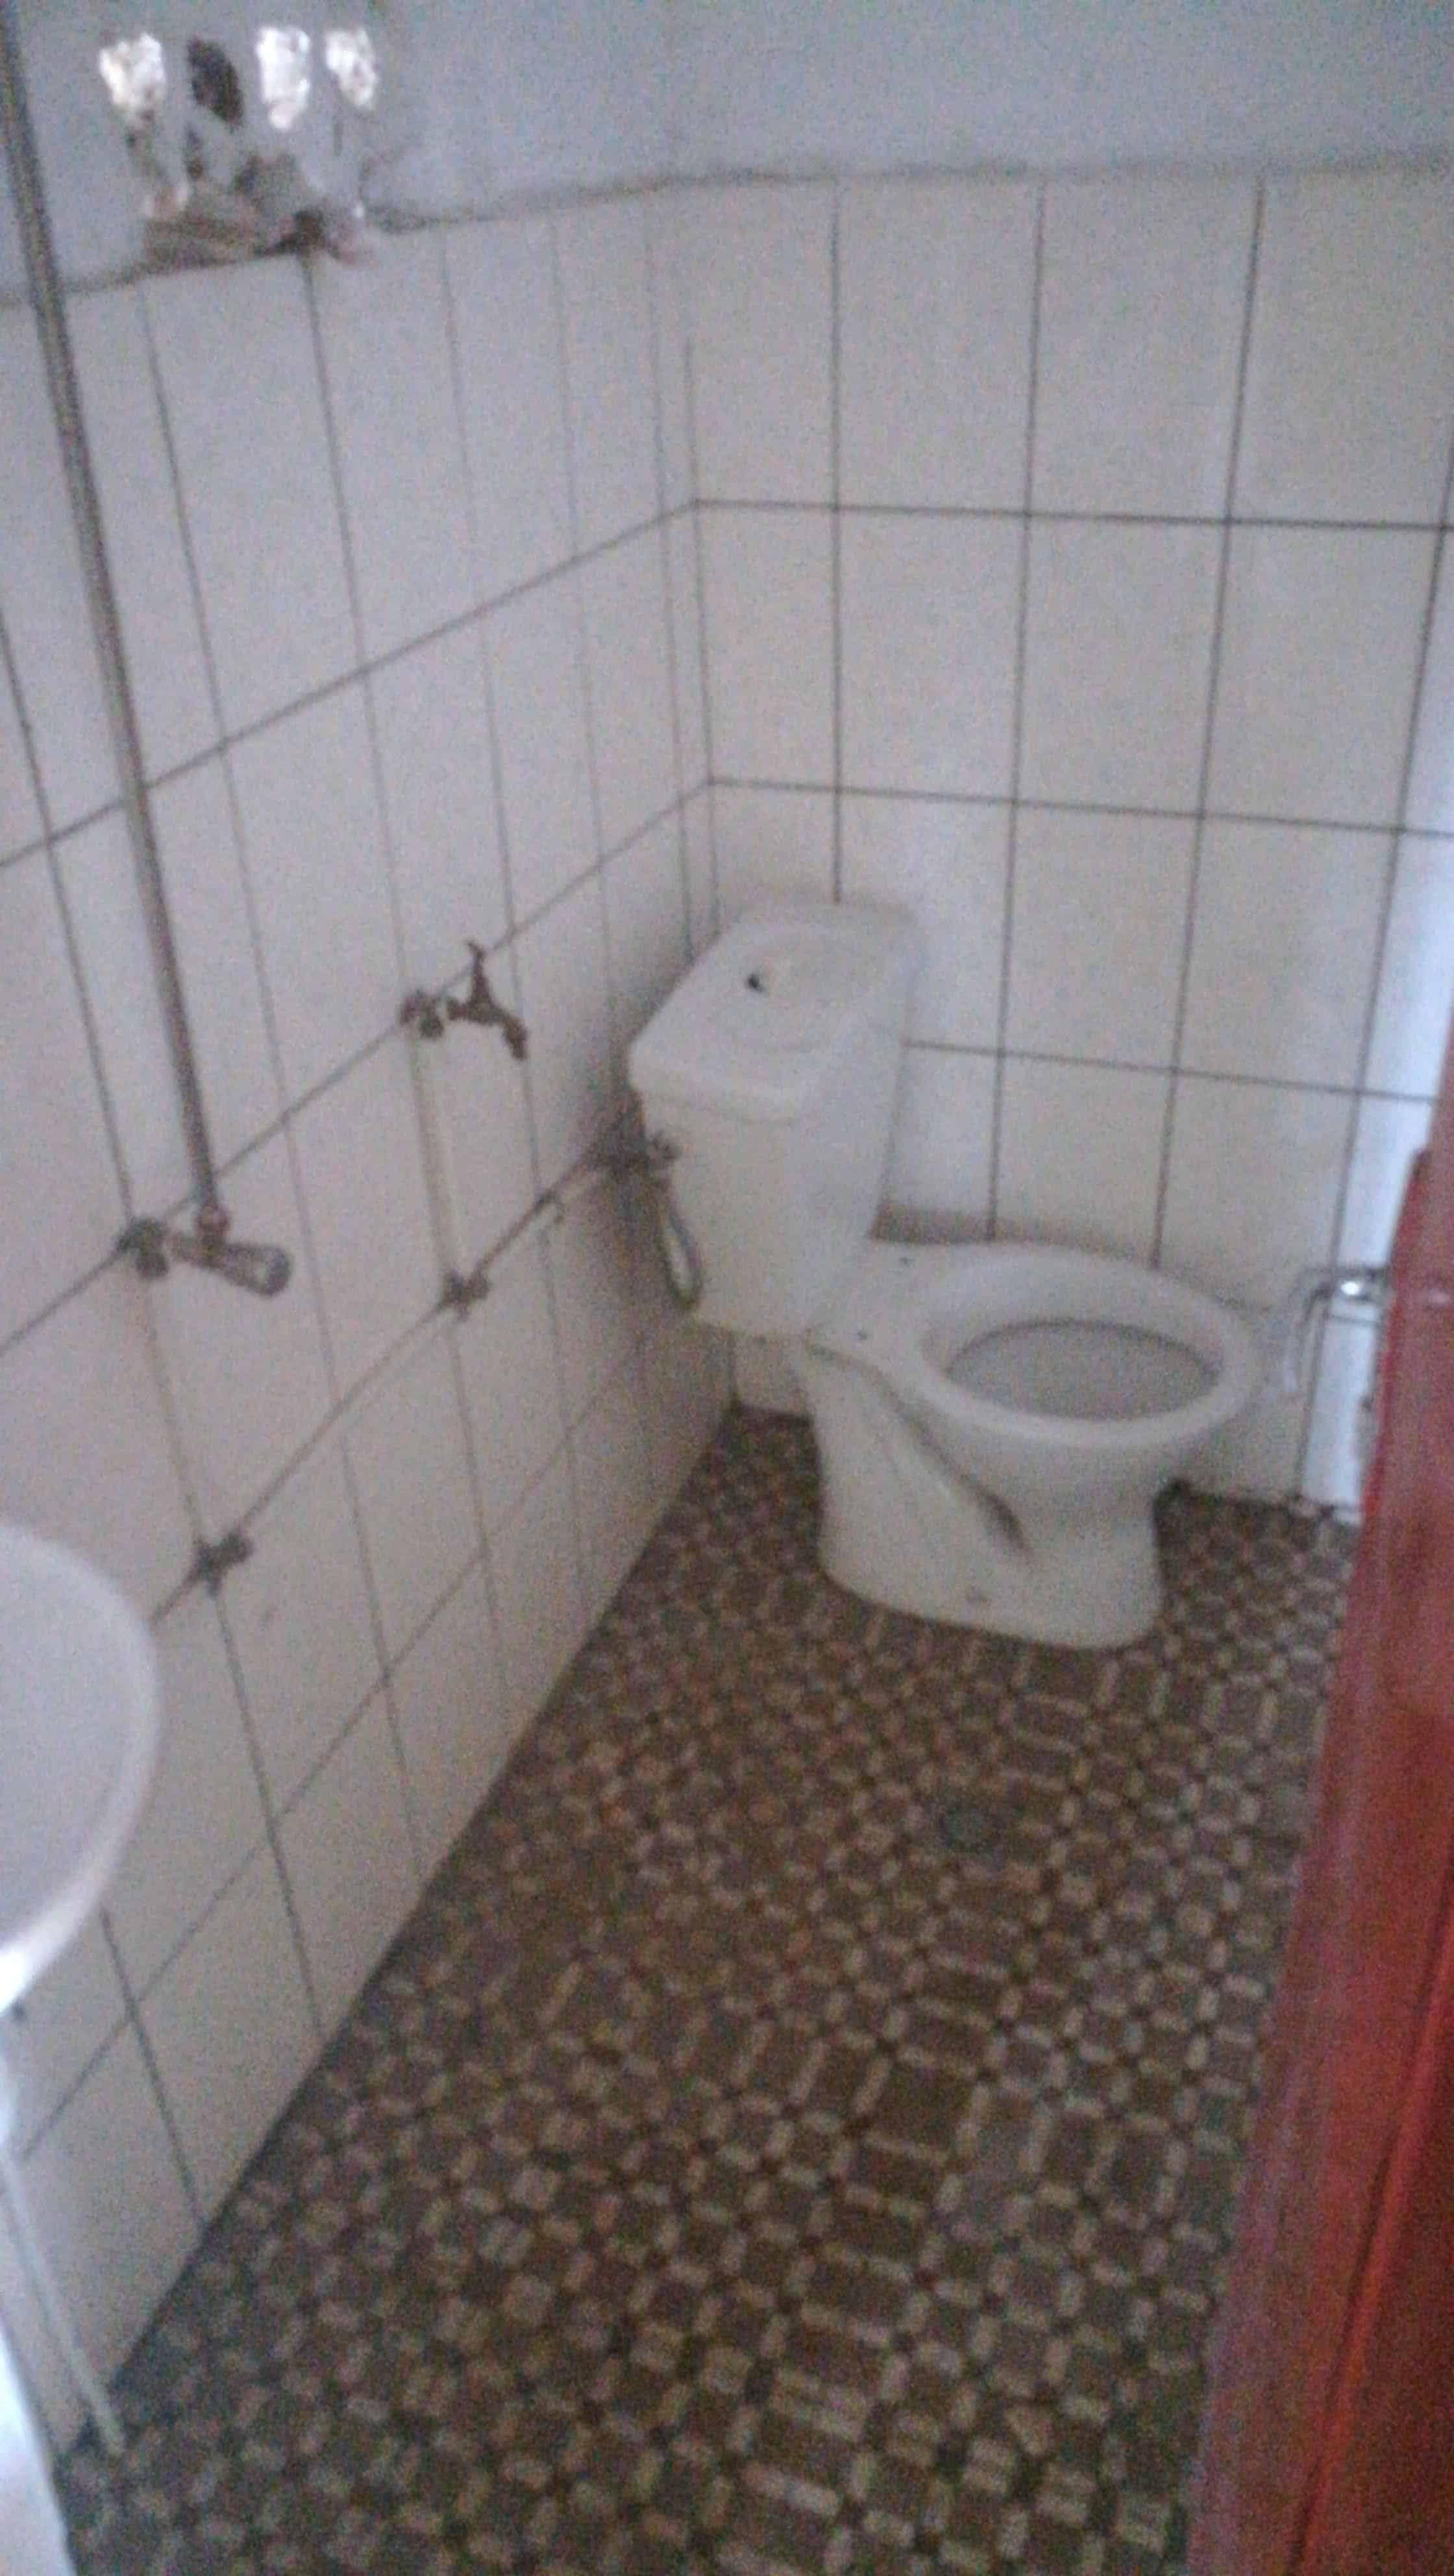 Chambre à louer - Douala, Malangue, Boulangerie malangue - 40 000 FCFA / mois